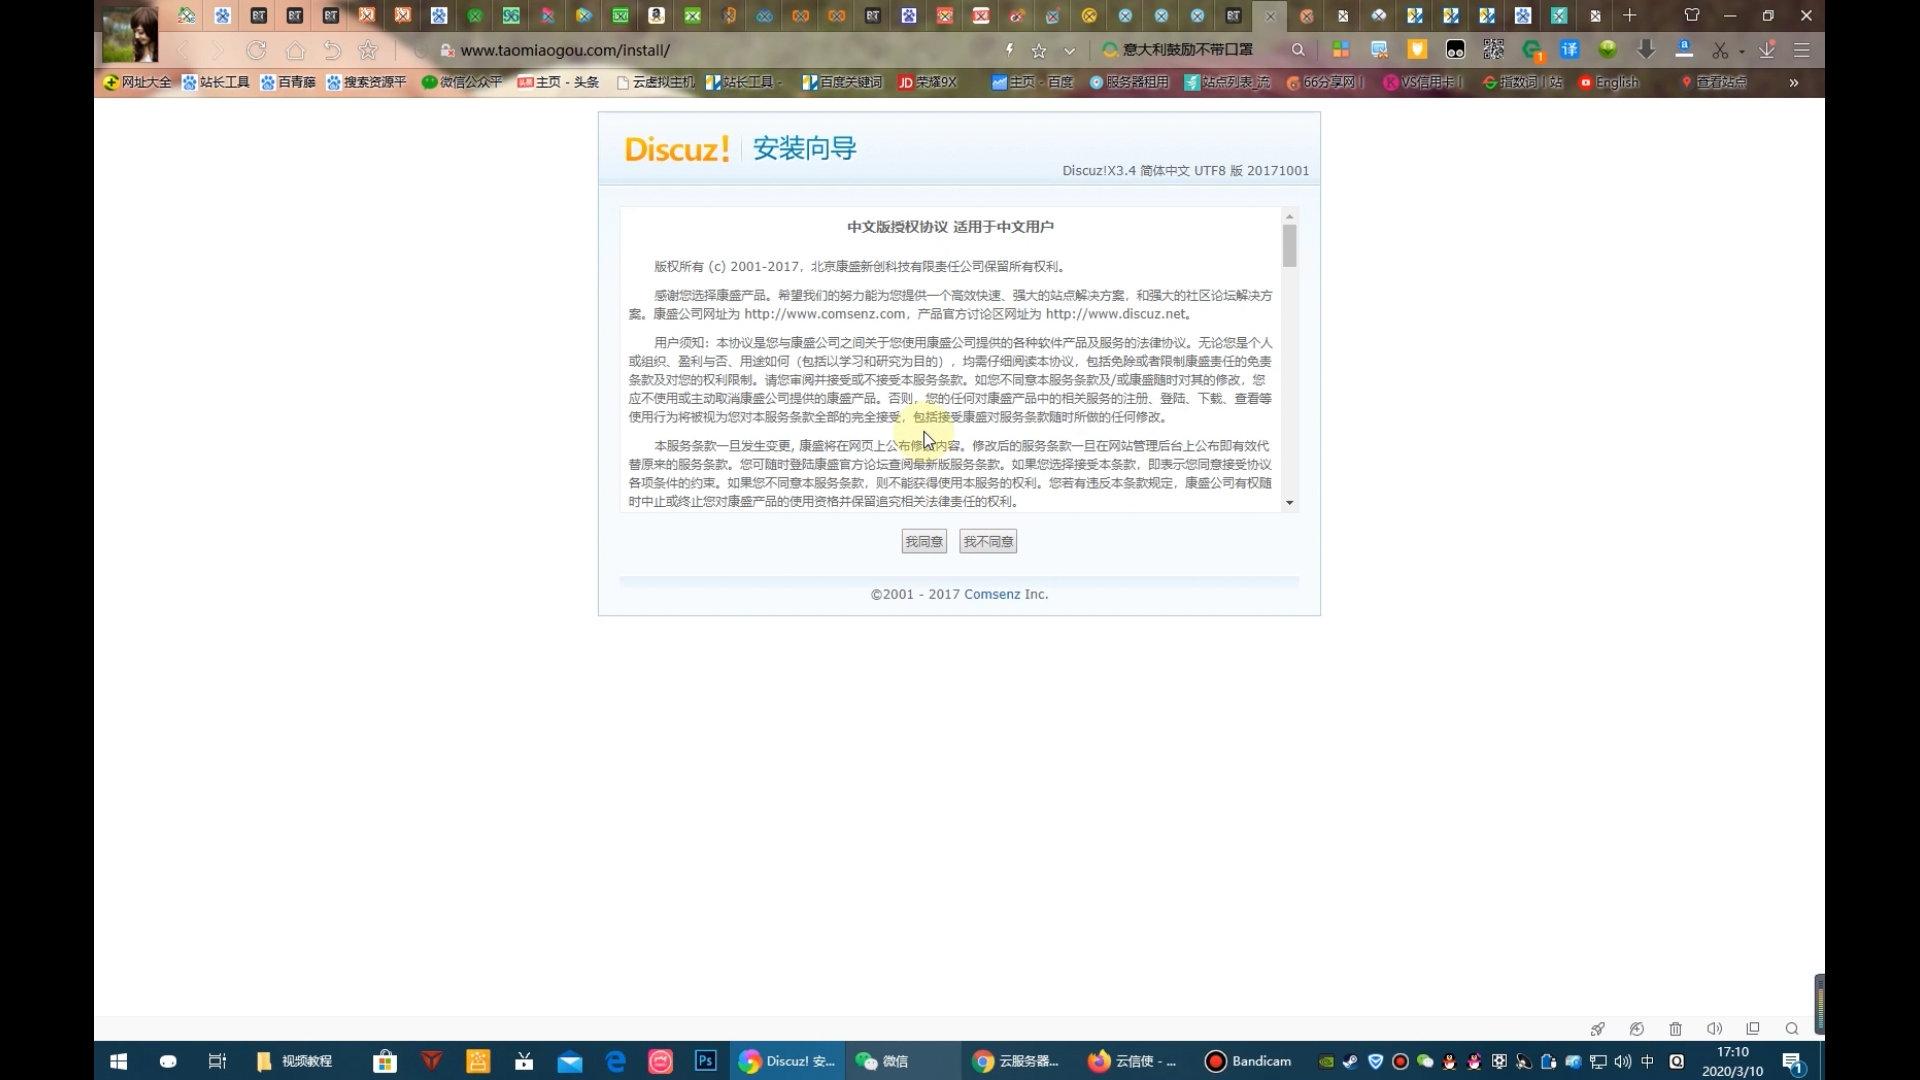 建站教程丨新手零基础使用国外免备案服务器快速搭建网站插图8